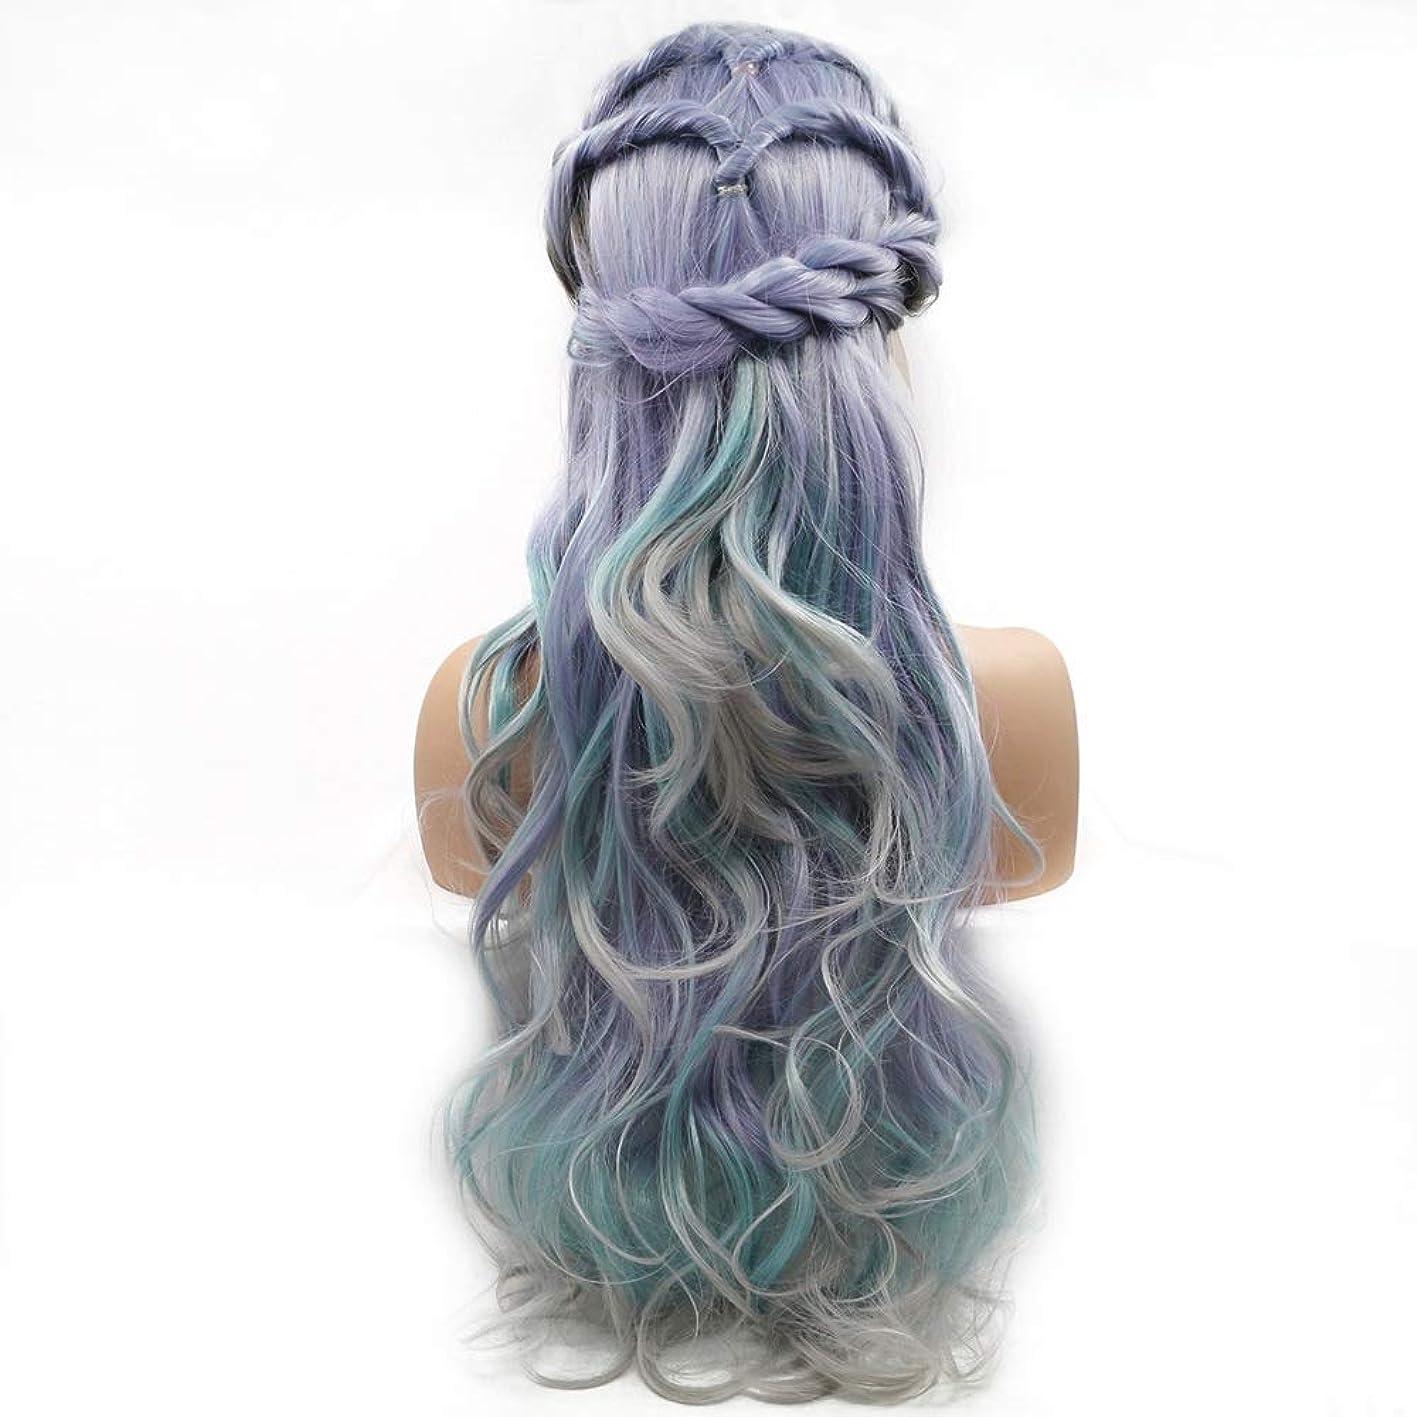 分数ジャムピンZXF グラデーションカラーの長い髪の巻き毛のかつらの女性の手作りのレースヨーロッパとアメリカのかつらはかつらの毛髪のセット 美しい